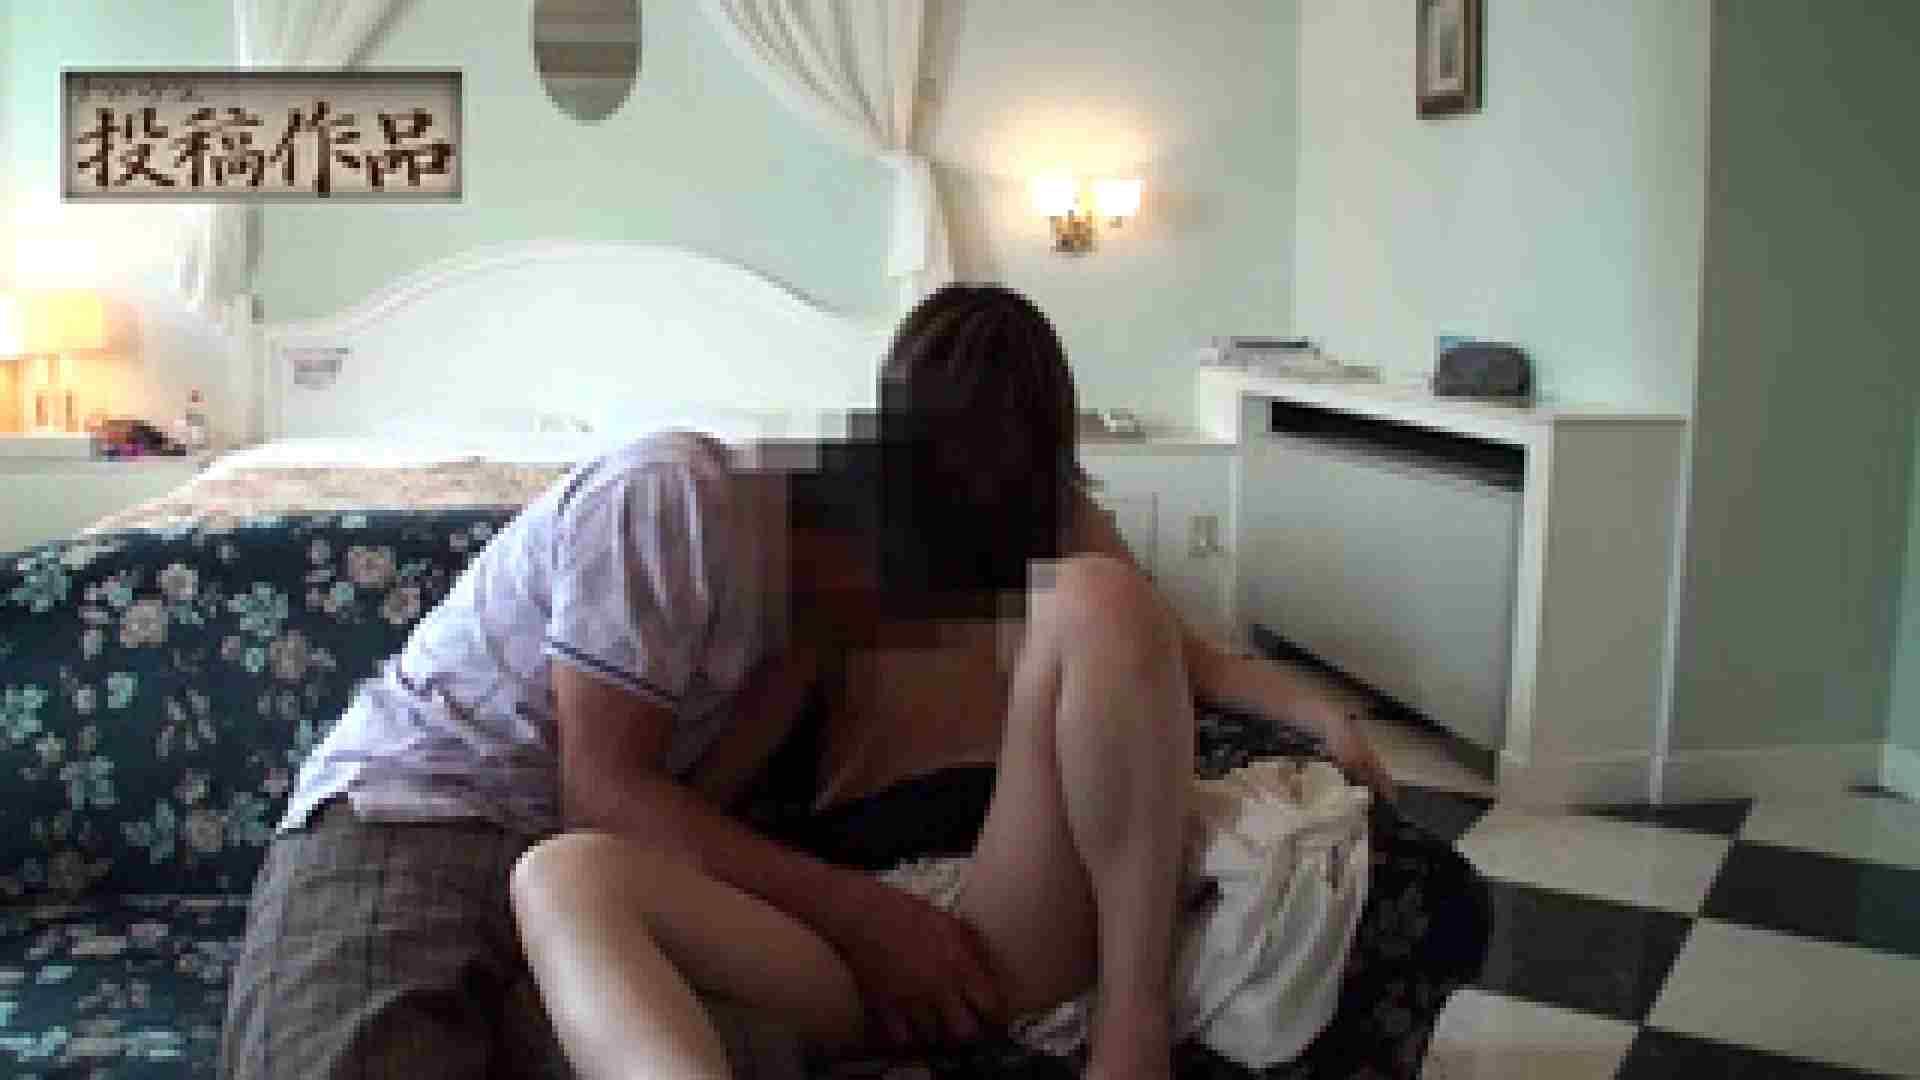 ナマハゲさんのまんこコレクション第3弾 ichiko3 フェラ  54連発 9